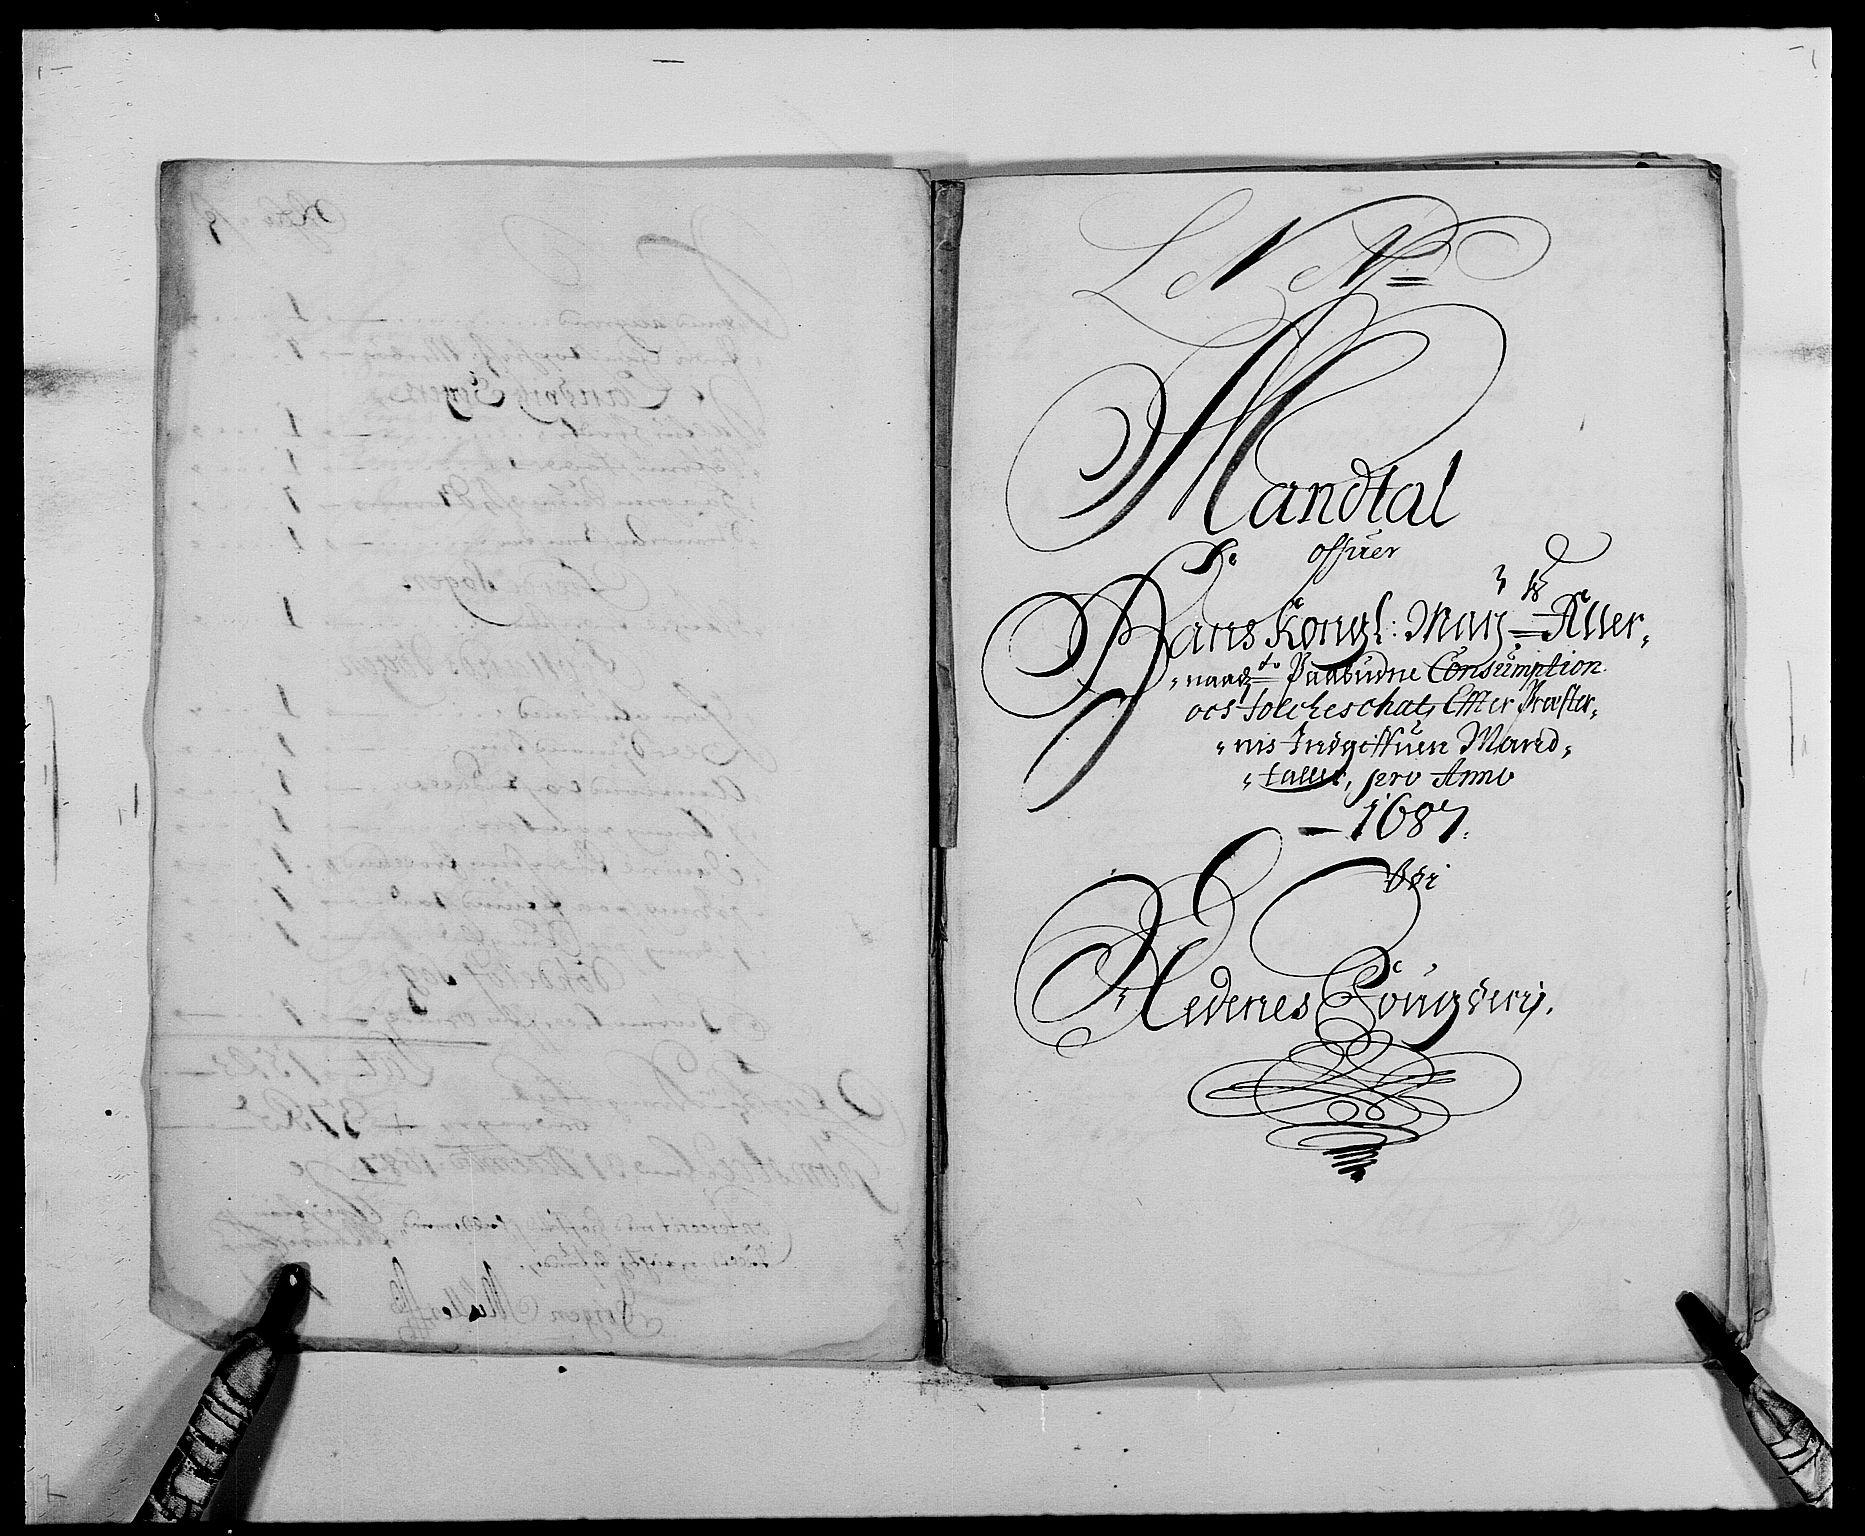 RA, Rentekammeret inntil 1814, Reviderte regnskaper, Fogderegnskap, R39/L2309: Fogderegnskap Nedenes, 1684-1689, s. 103